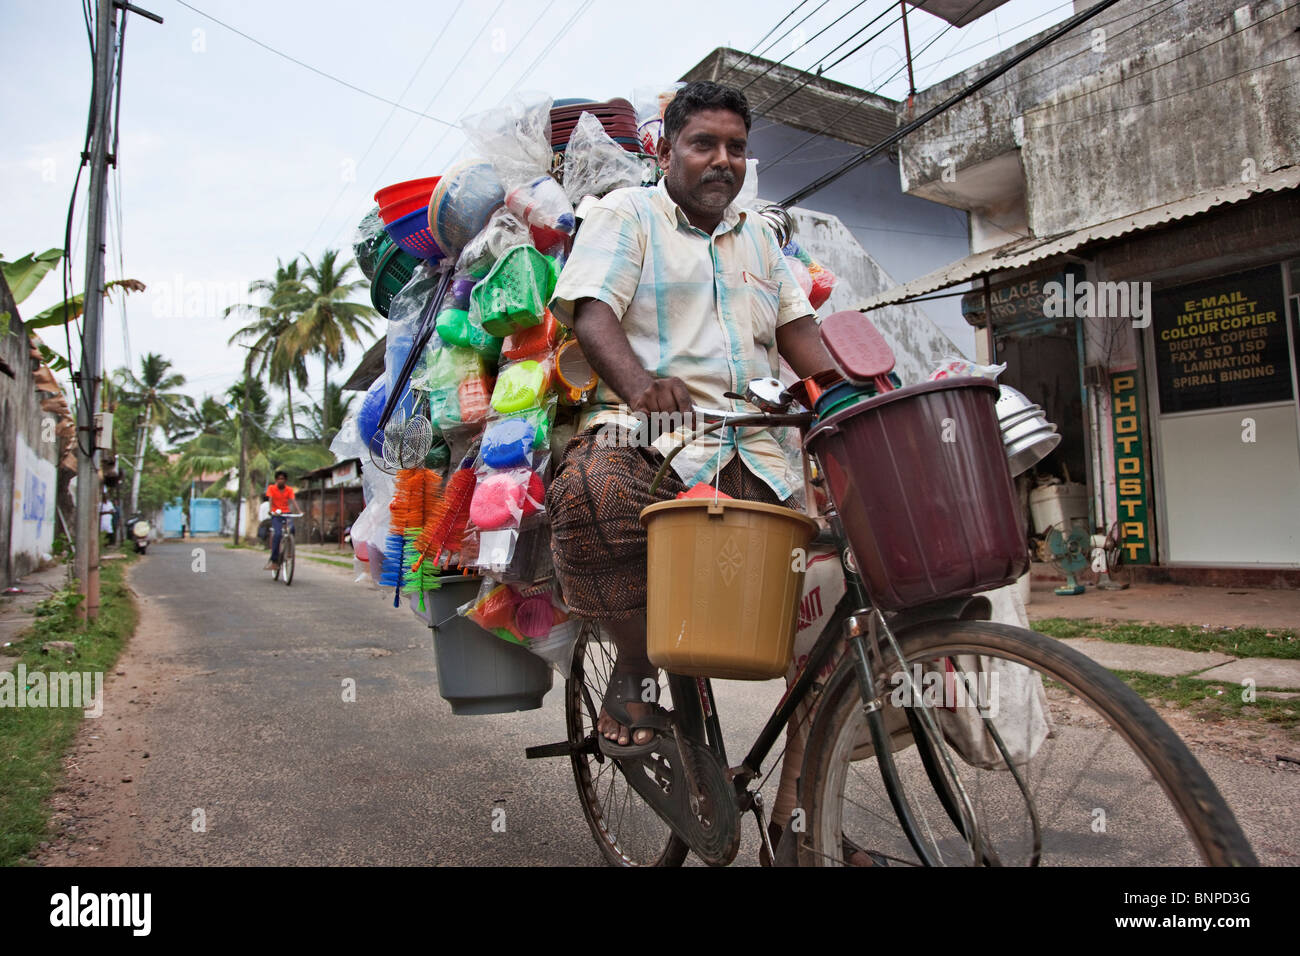 Homme d'âge moyen sur location de vente de divers types d'articles ménagers en plastique d'un Photo Stock